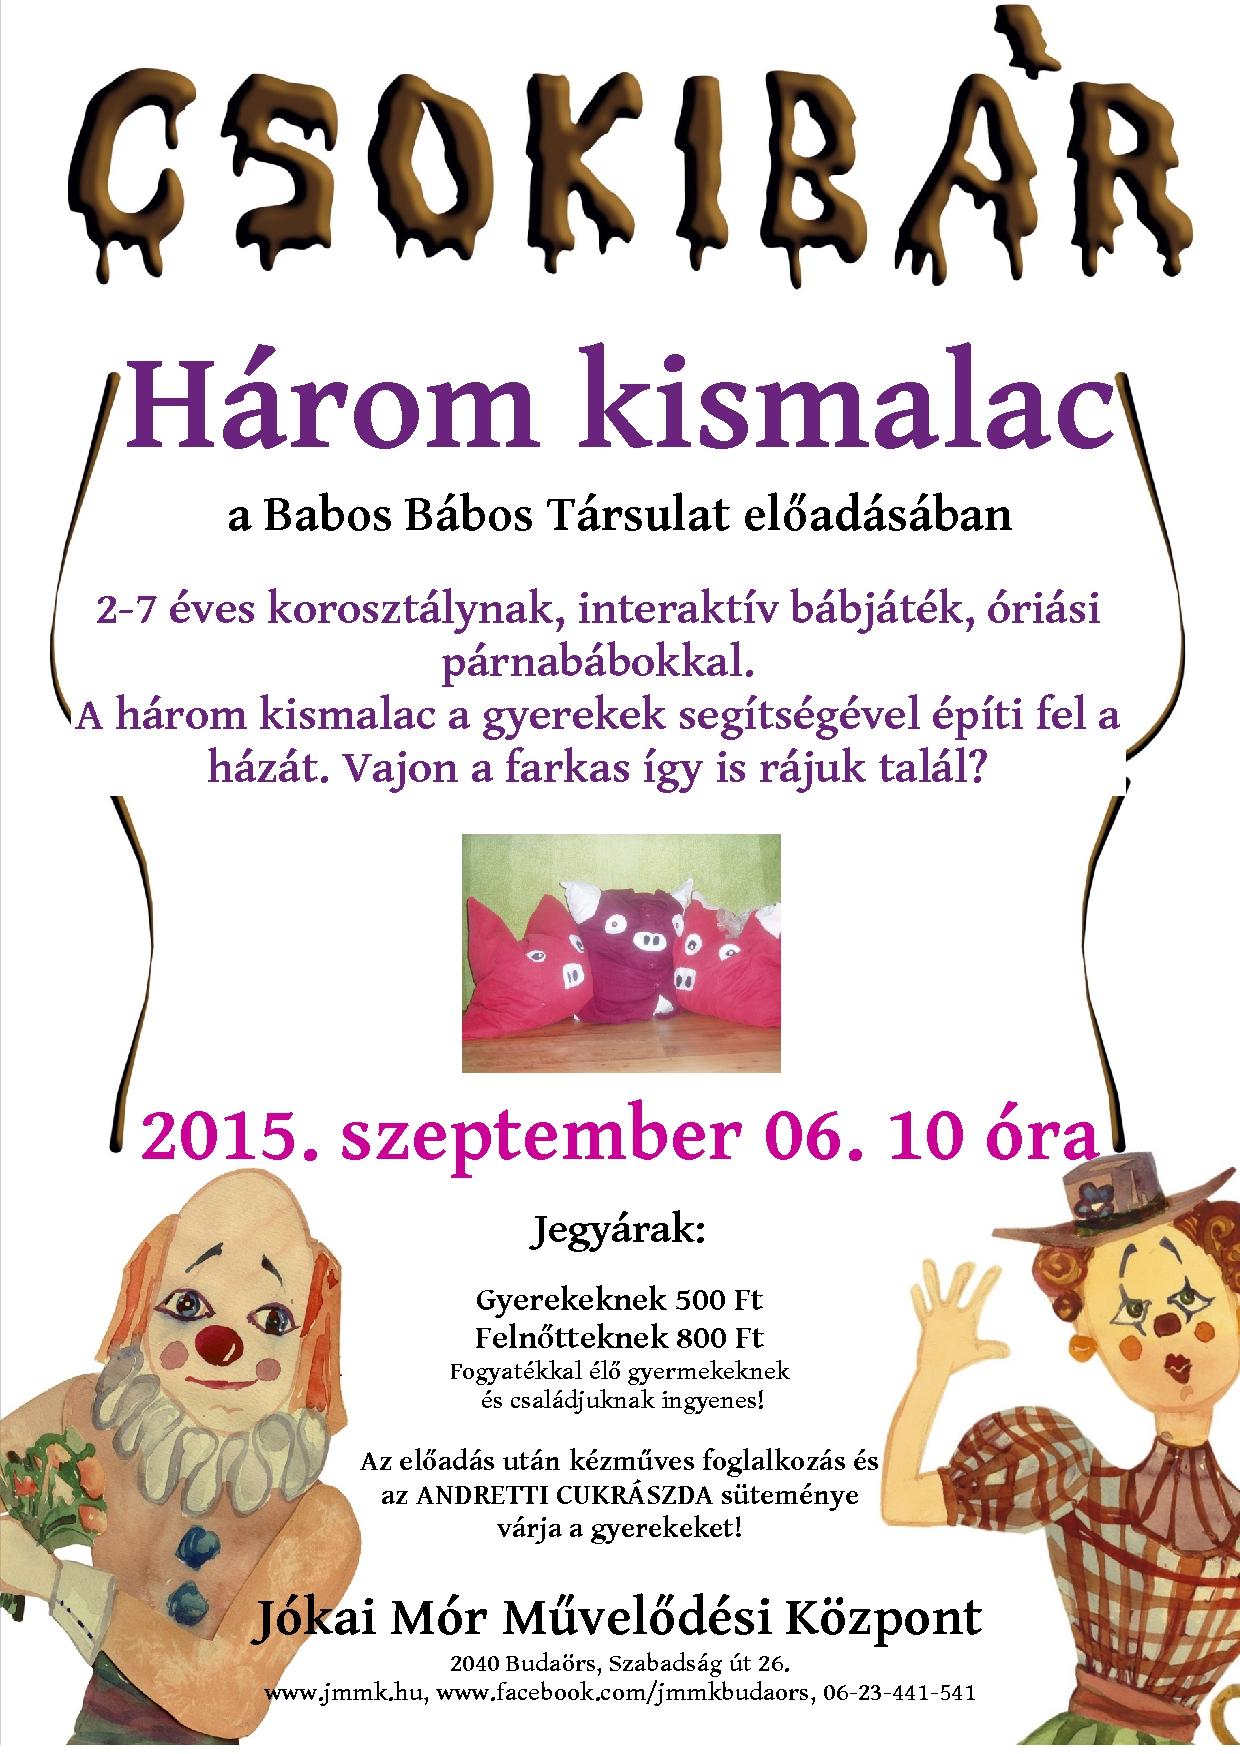 csokibár plakát szeptember